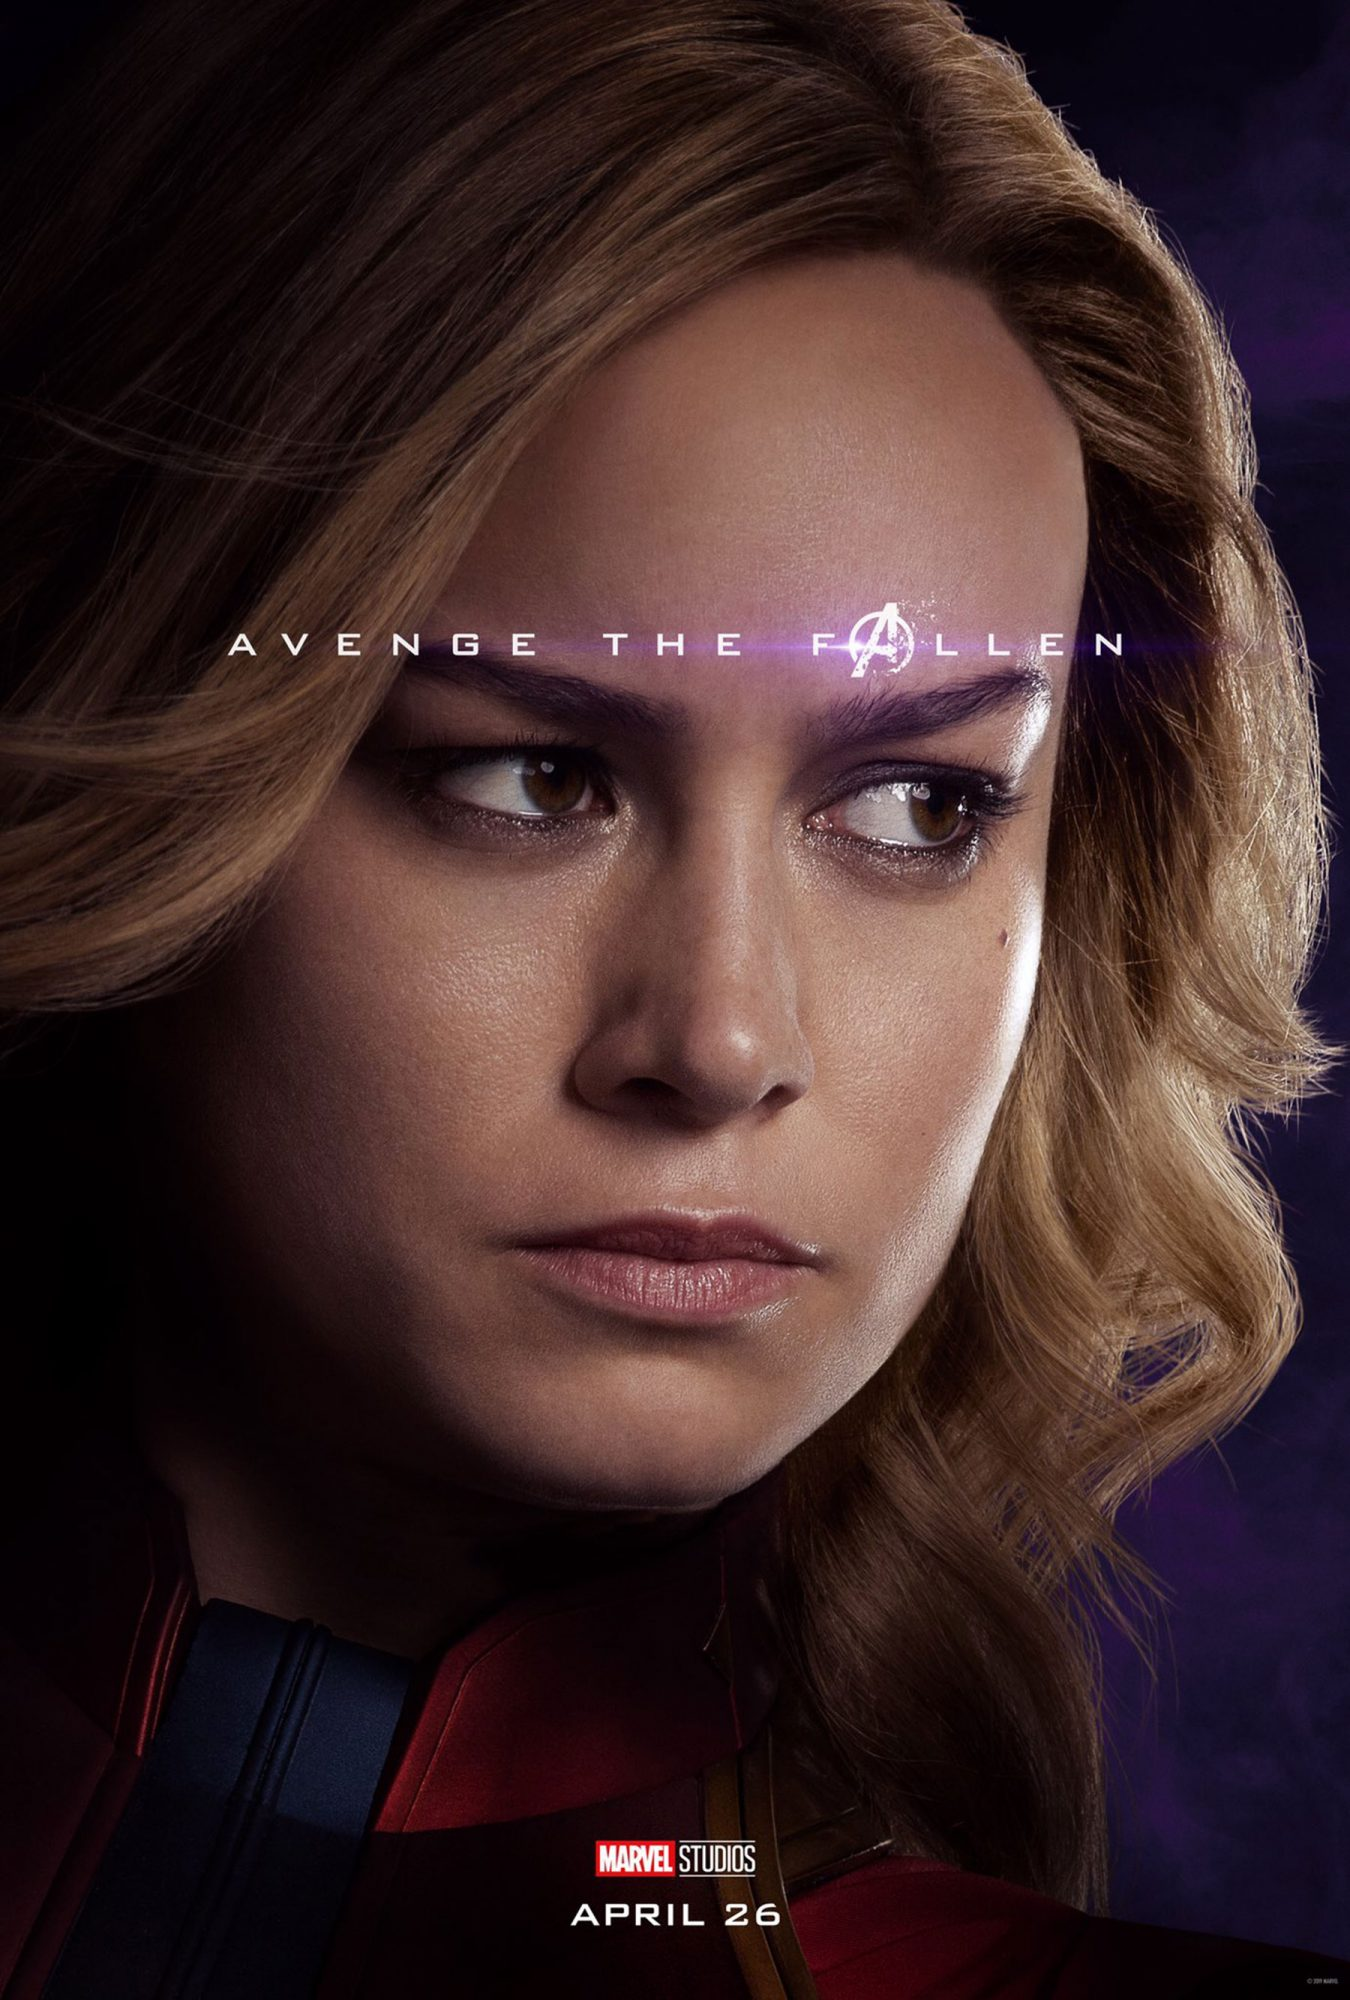 Avengers: Endgame Character postersCR: Marvel Studios